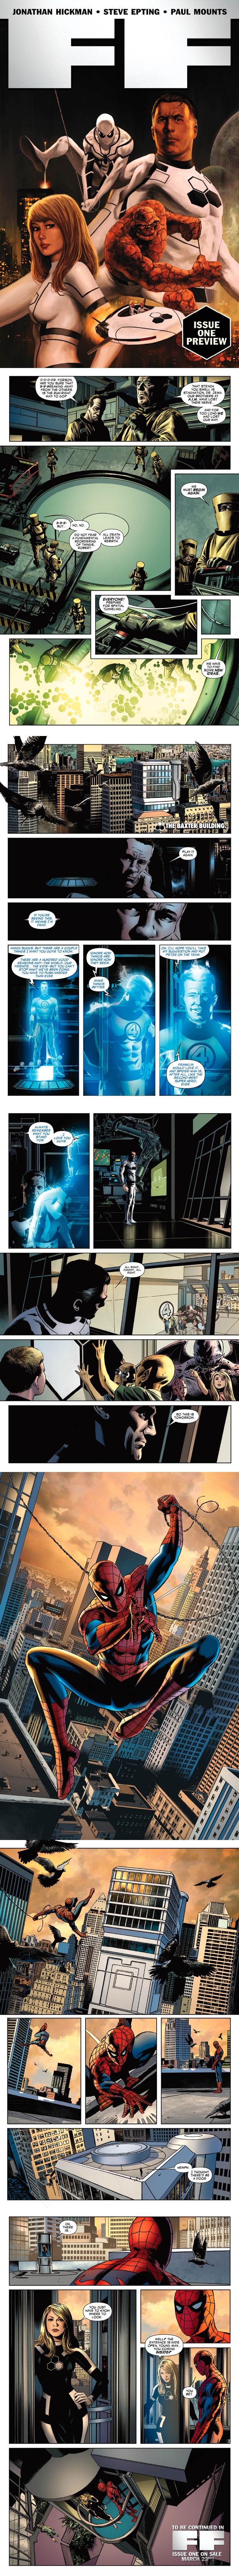 Prévia da nova série do Quarteto Fantástico, agora sem o Tocha-Humana, morto na edição anterior durante uma batalha. O Homem-Aranha vai substituí-lo na equipe. (Foto: Divulgação/Marvel)